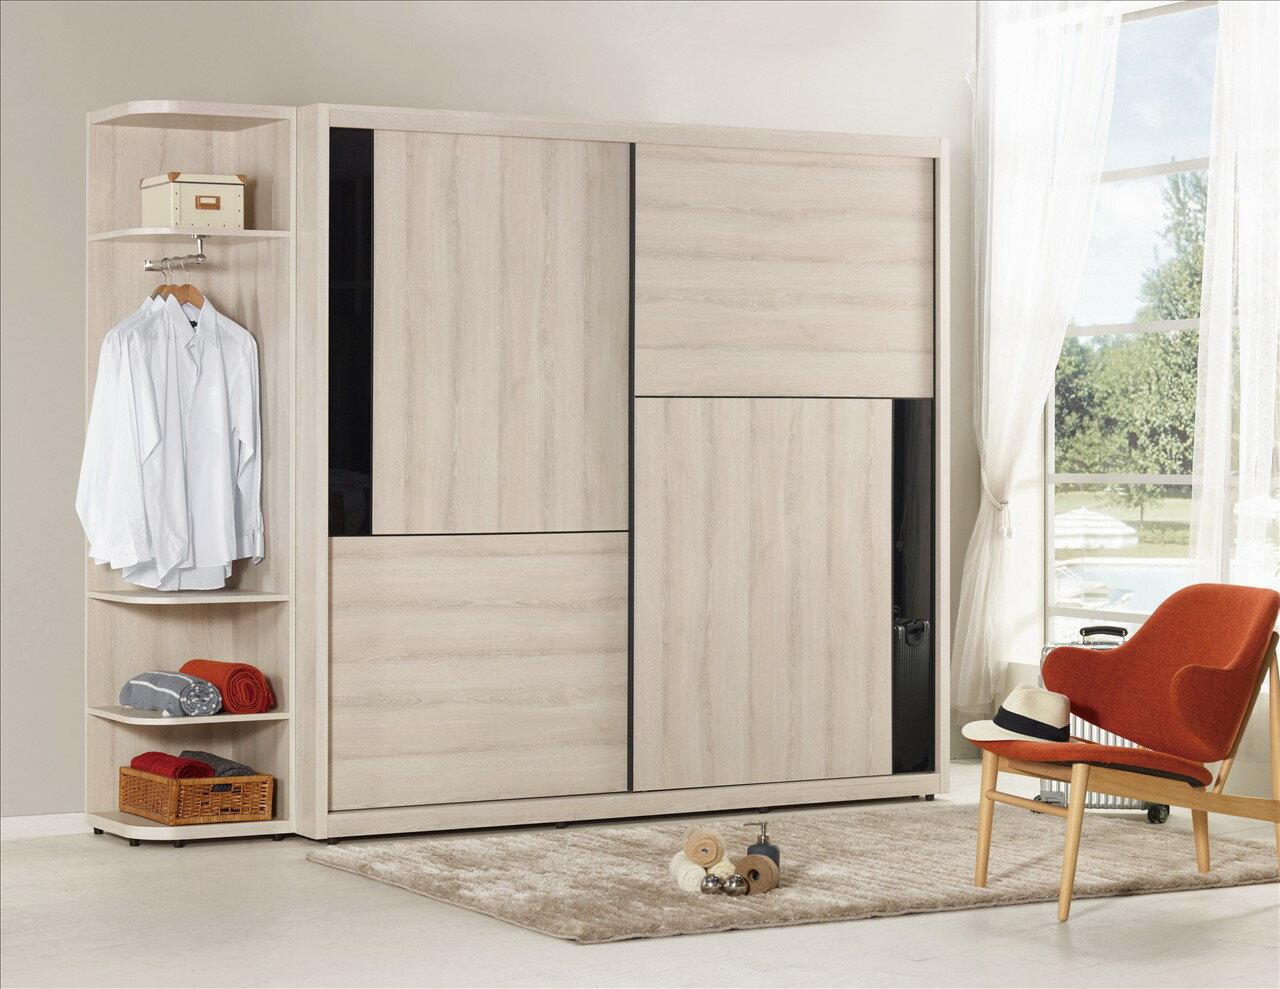 【石川家居】KM-592-3 優娜1.5尺置物開放衣櫃 可左右擺放 (不含五尺和七尺衣櫃) 高雄到台北滿五千享折扣